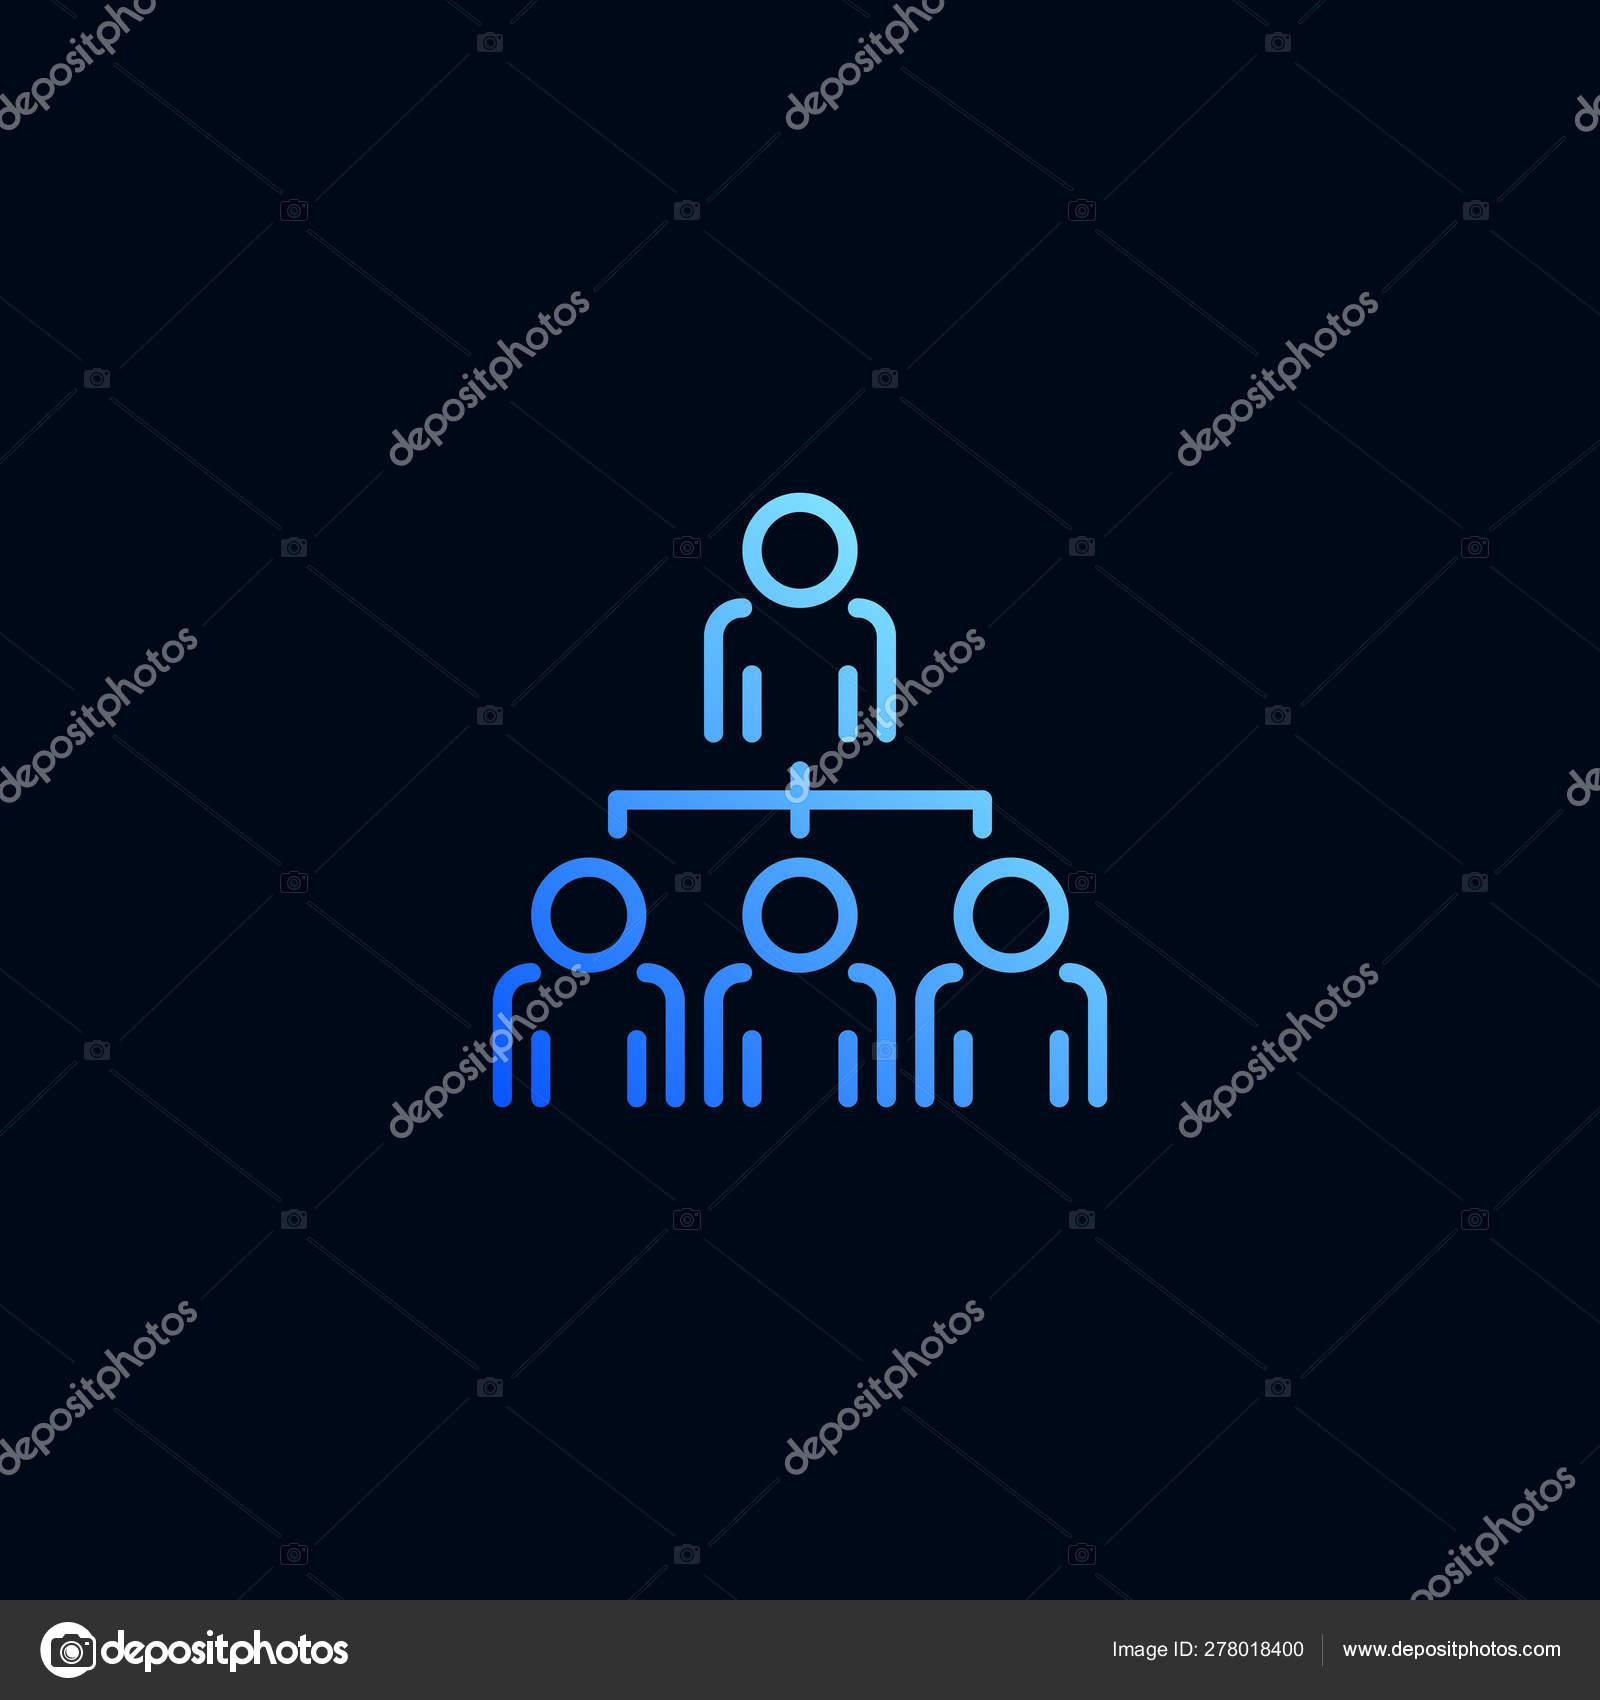 Organigrama Icono De Línea De Estructura De La Empresa